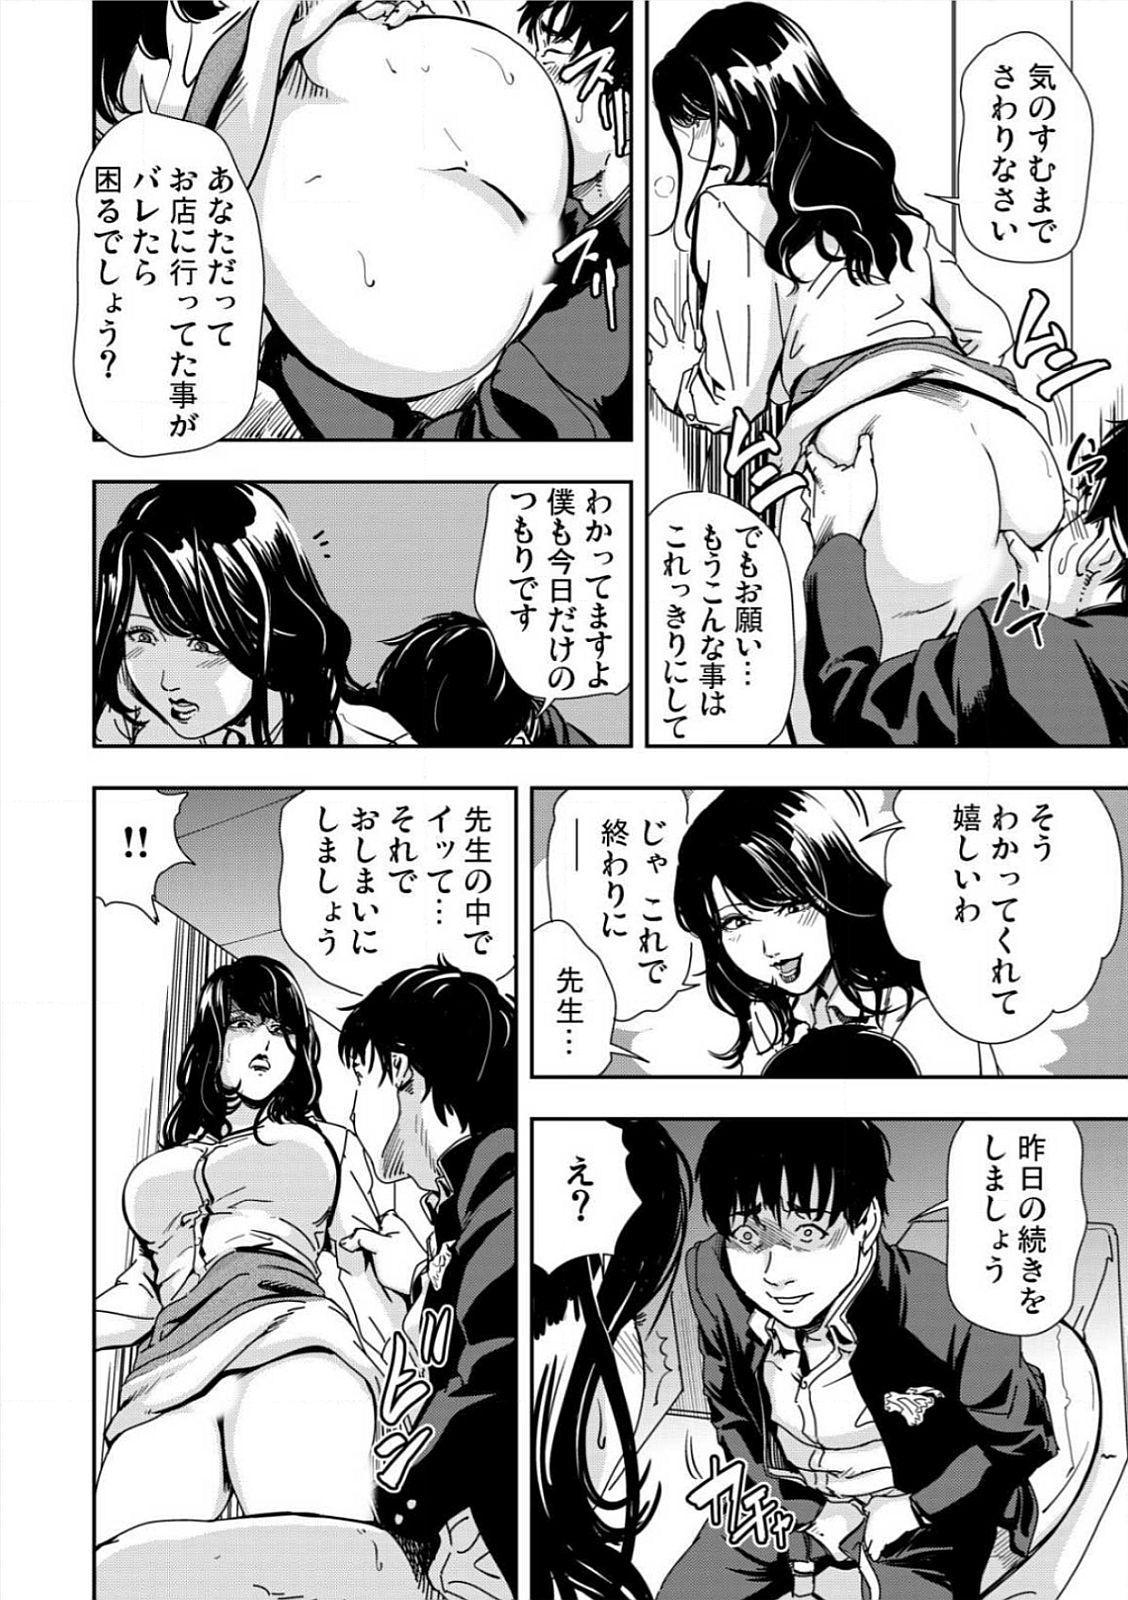 [Misaki Yukihiro] Kyousei Shidou ~Mechakucha ni Kegasarete~ (1)~(6) [Digital] 69